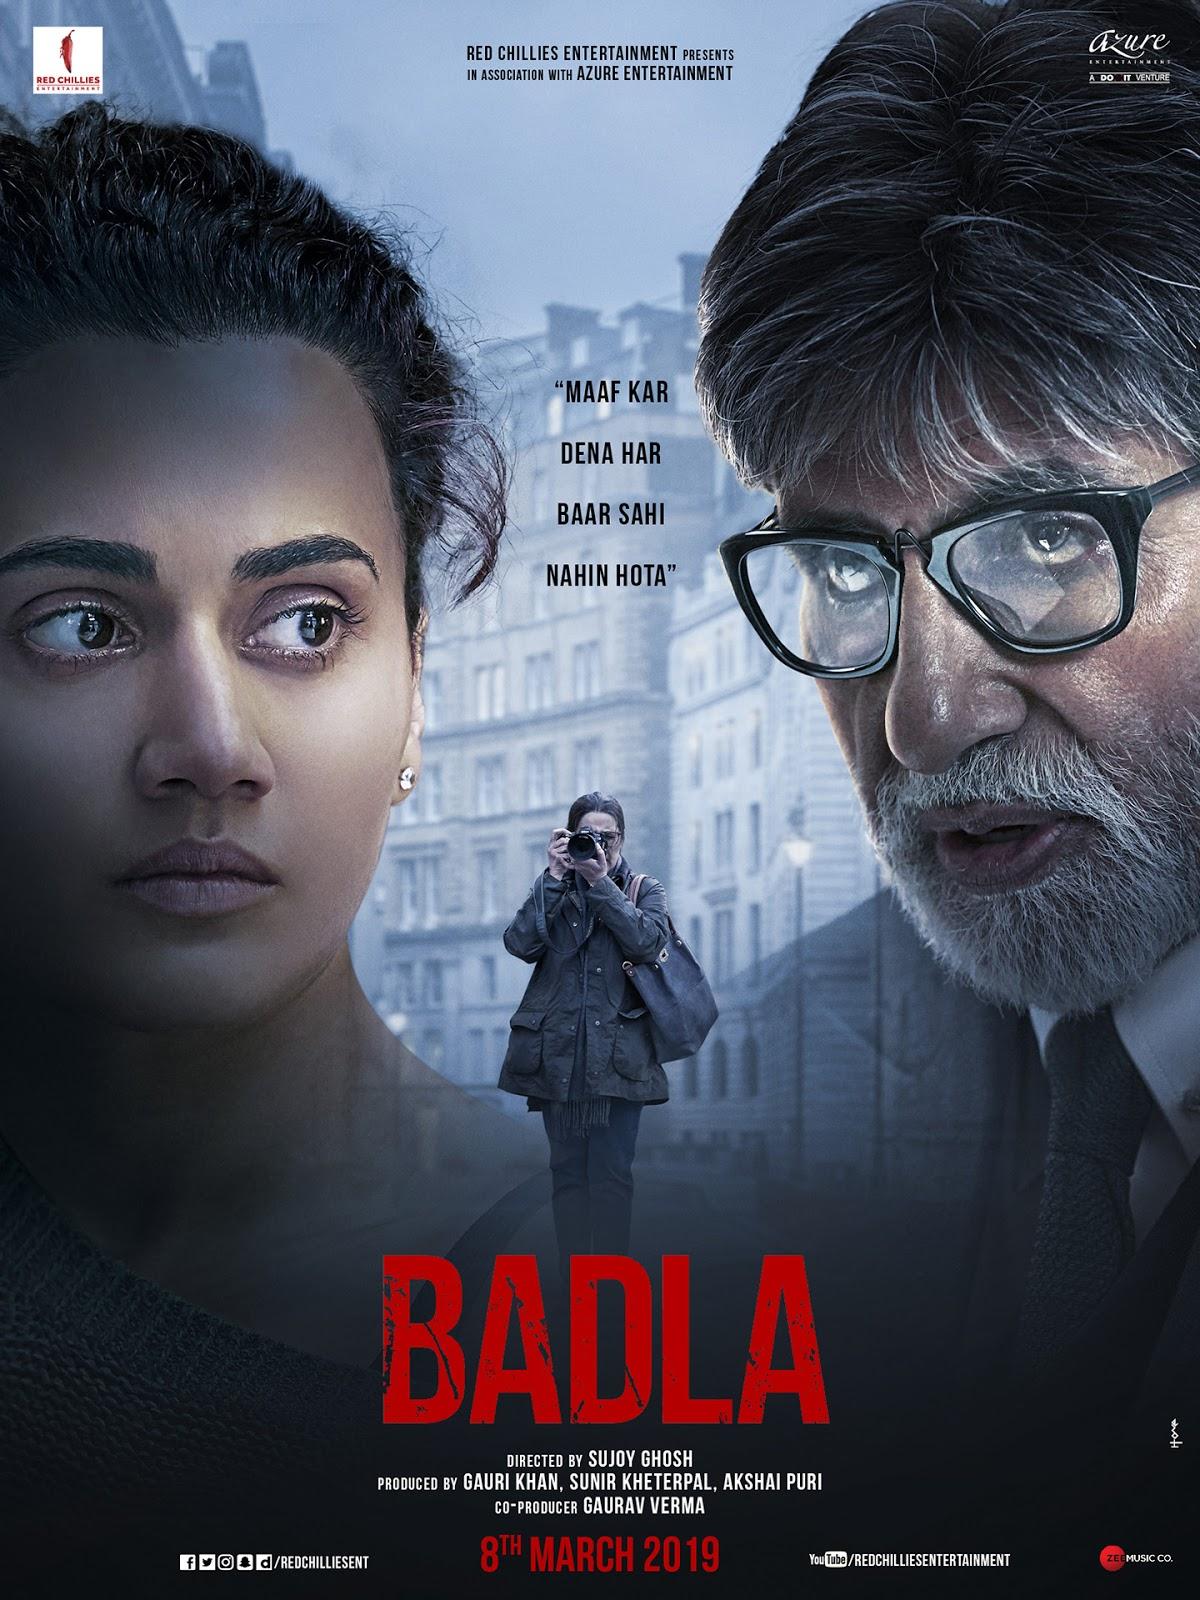 BADLA Digital Rights | Watch Badla Online | Badla on Netflix